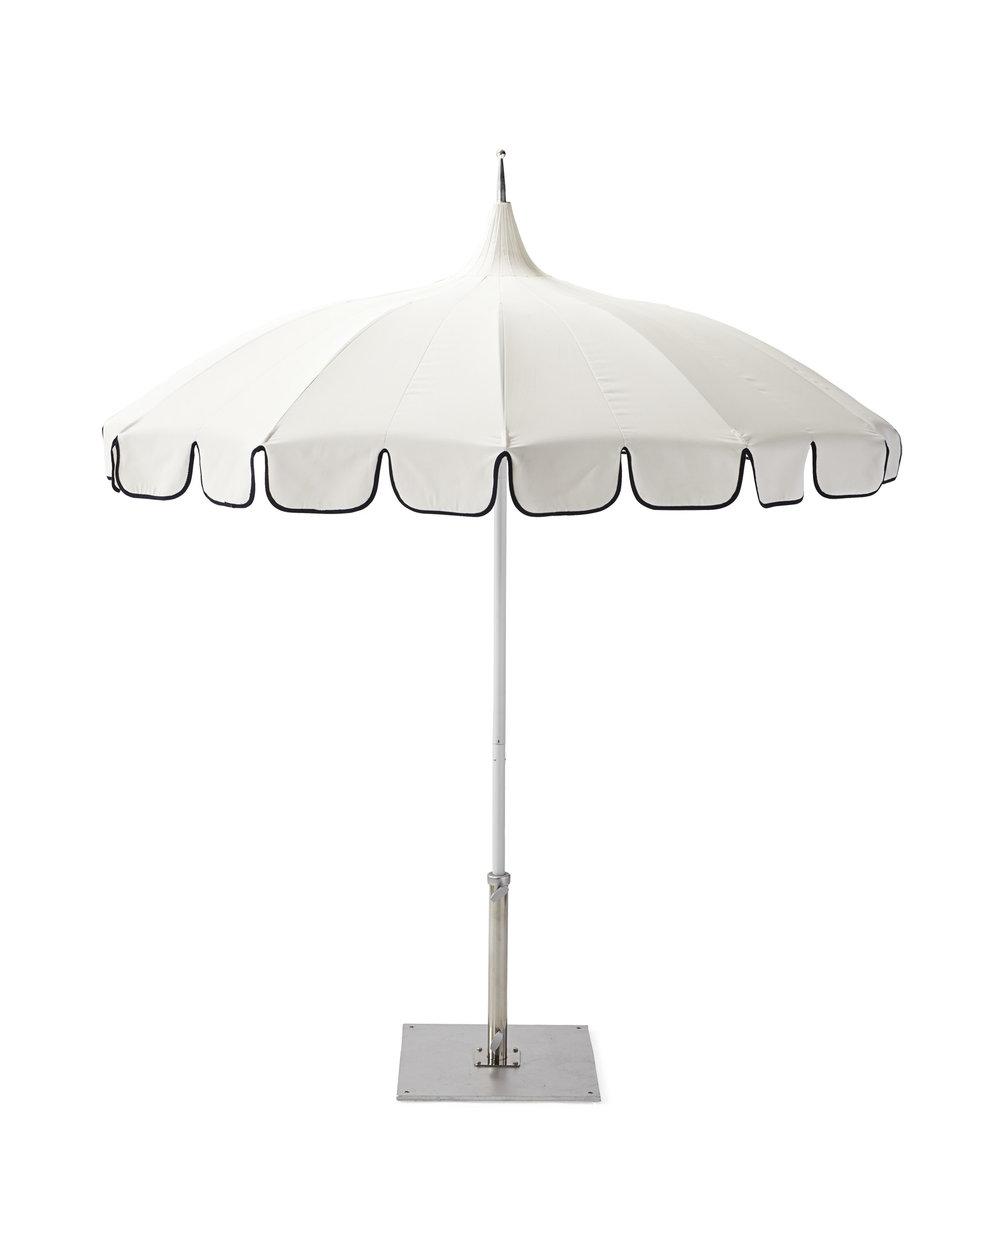 Umbrella_Eastport_White_Navy_Trim_MV_Crop_SH.jpg